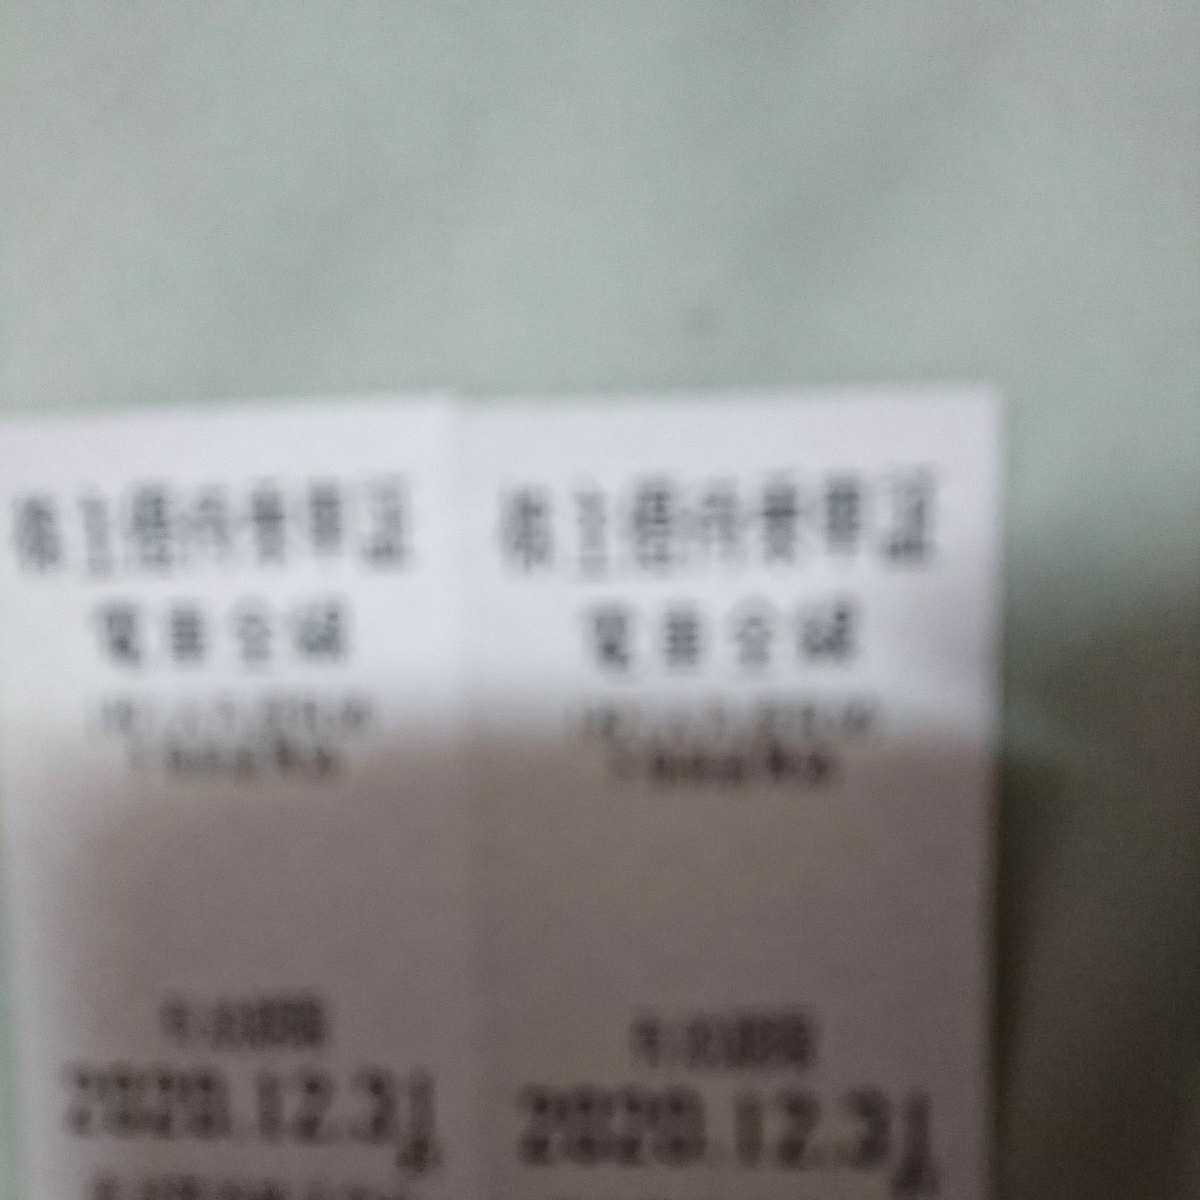 東武鉄道株式会社 株主優待乗車証 有効期限2020.12.31まで 2枚セット_画像1